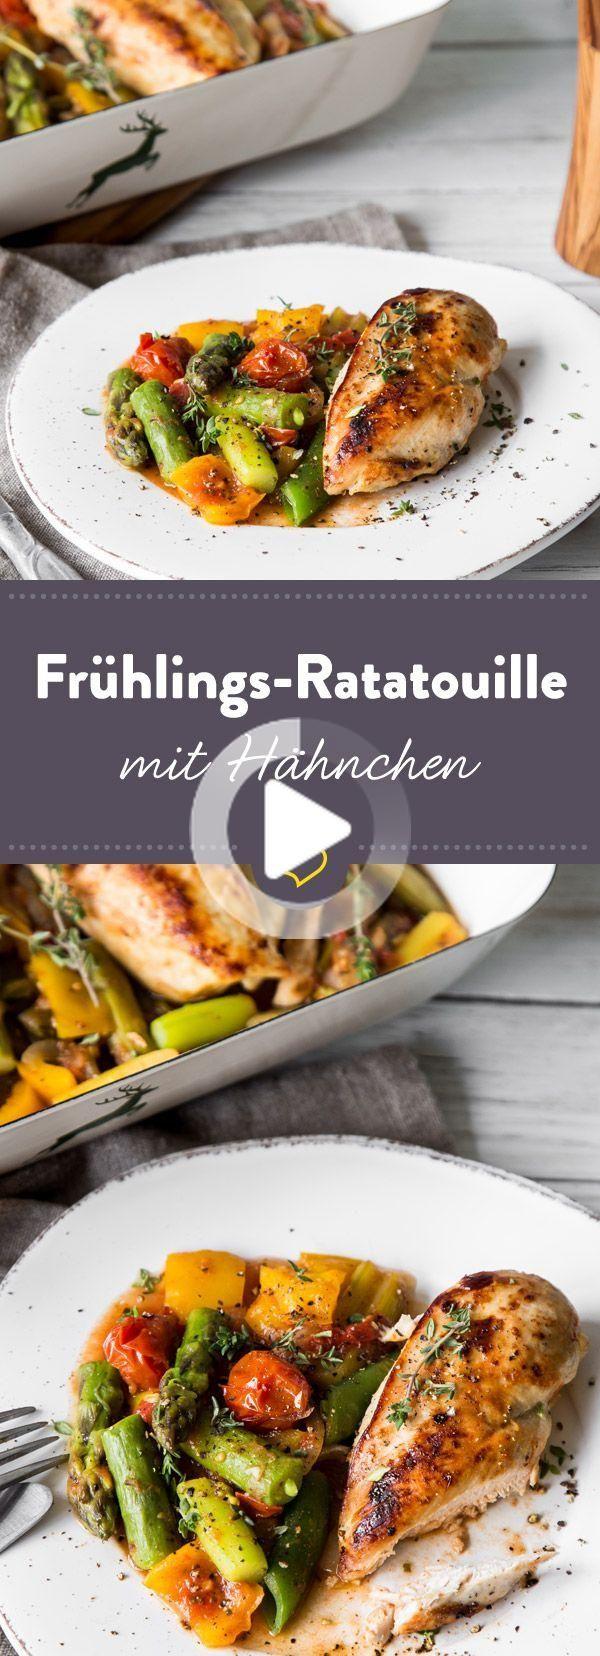 Frühlings-Ratatouille mit Spargel, Zuchererbse und Hähnchen